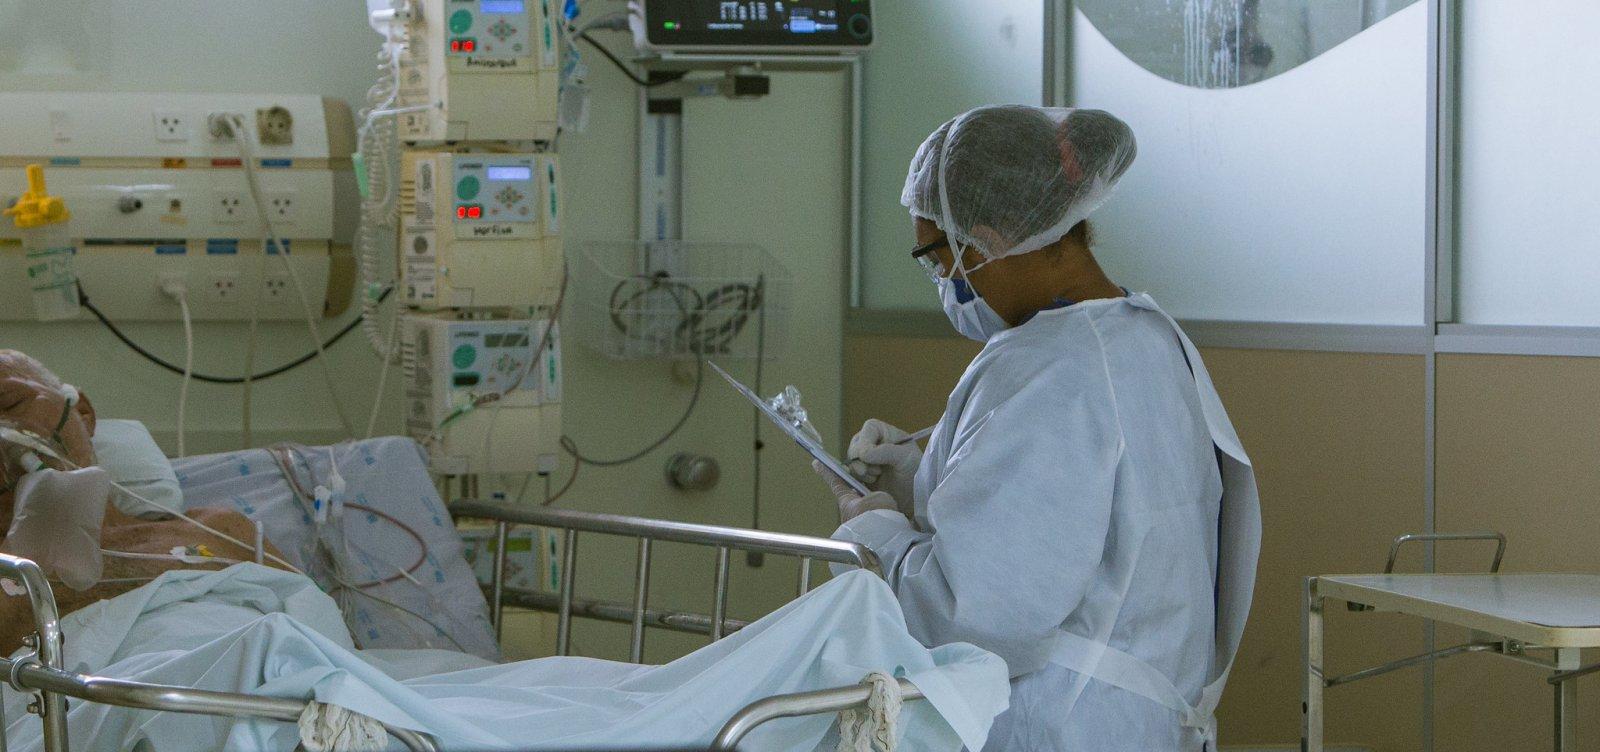 [Sesab passa a recomendar internação precoce de paciente com Covid-19]